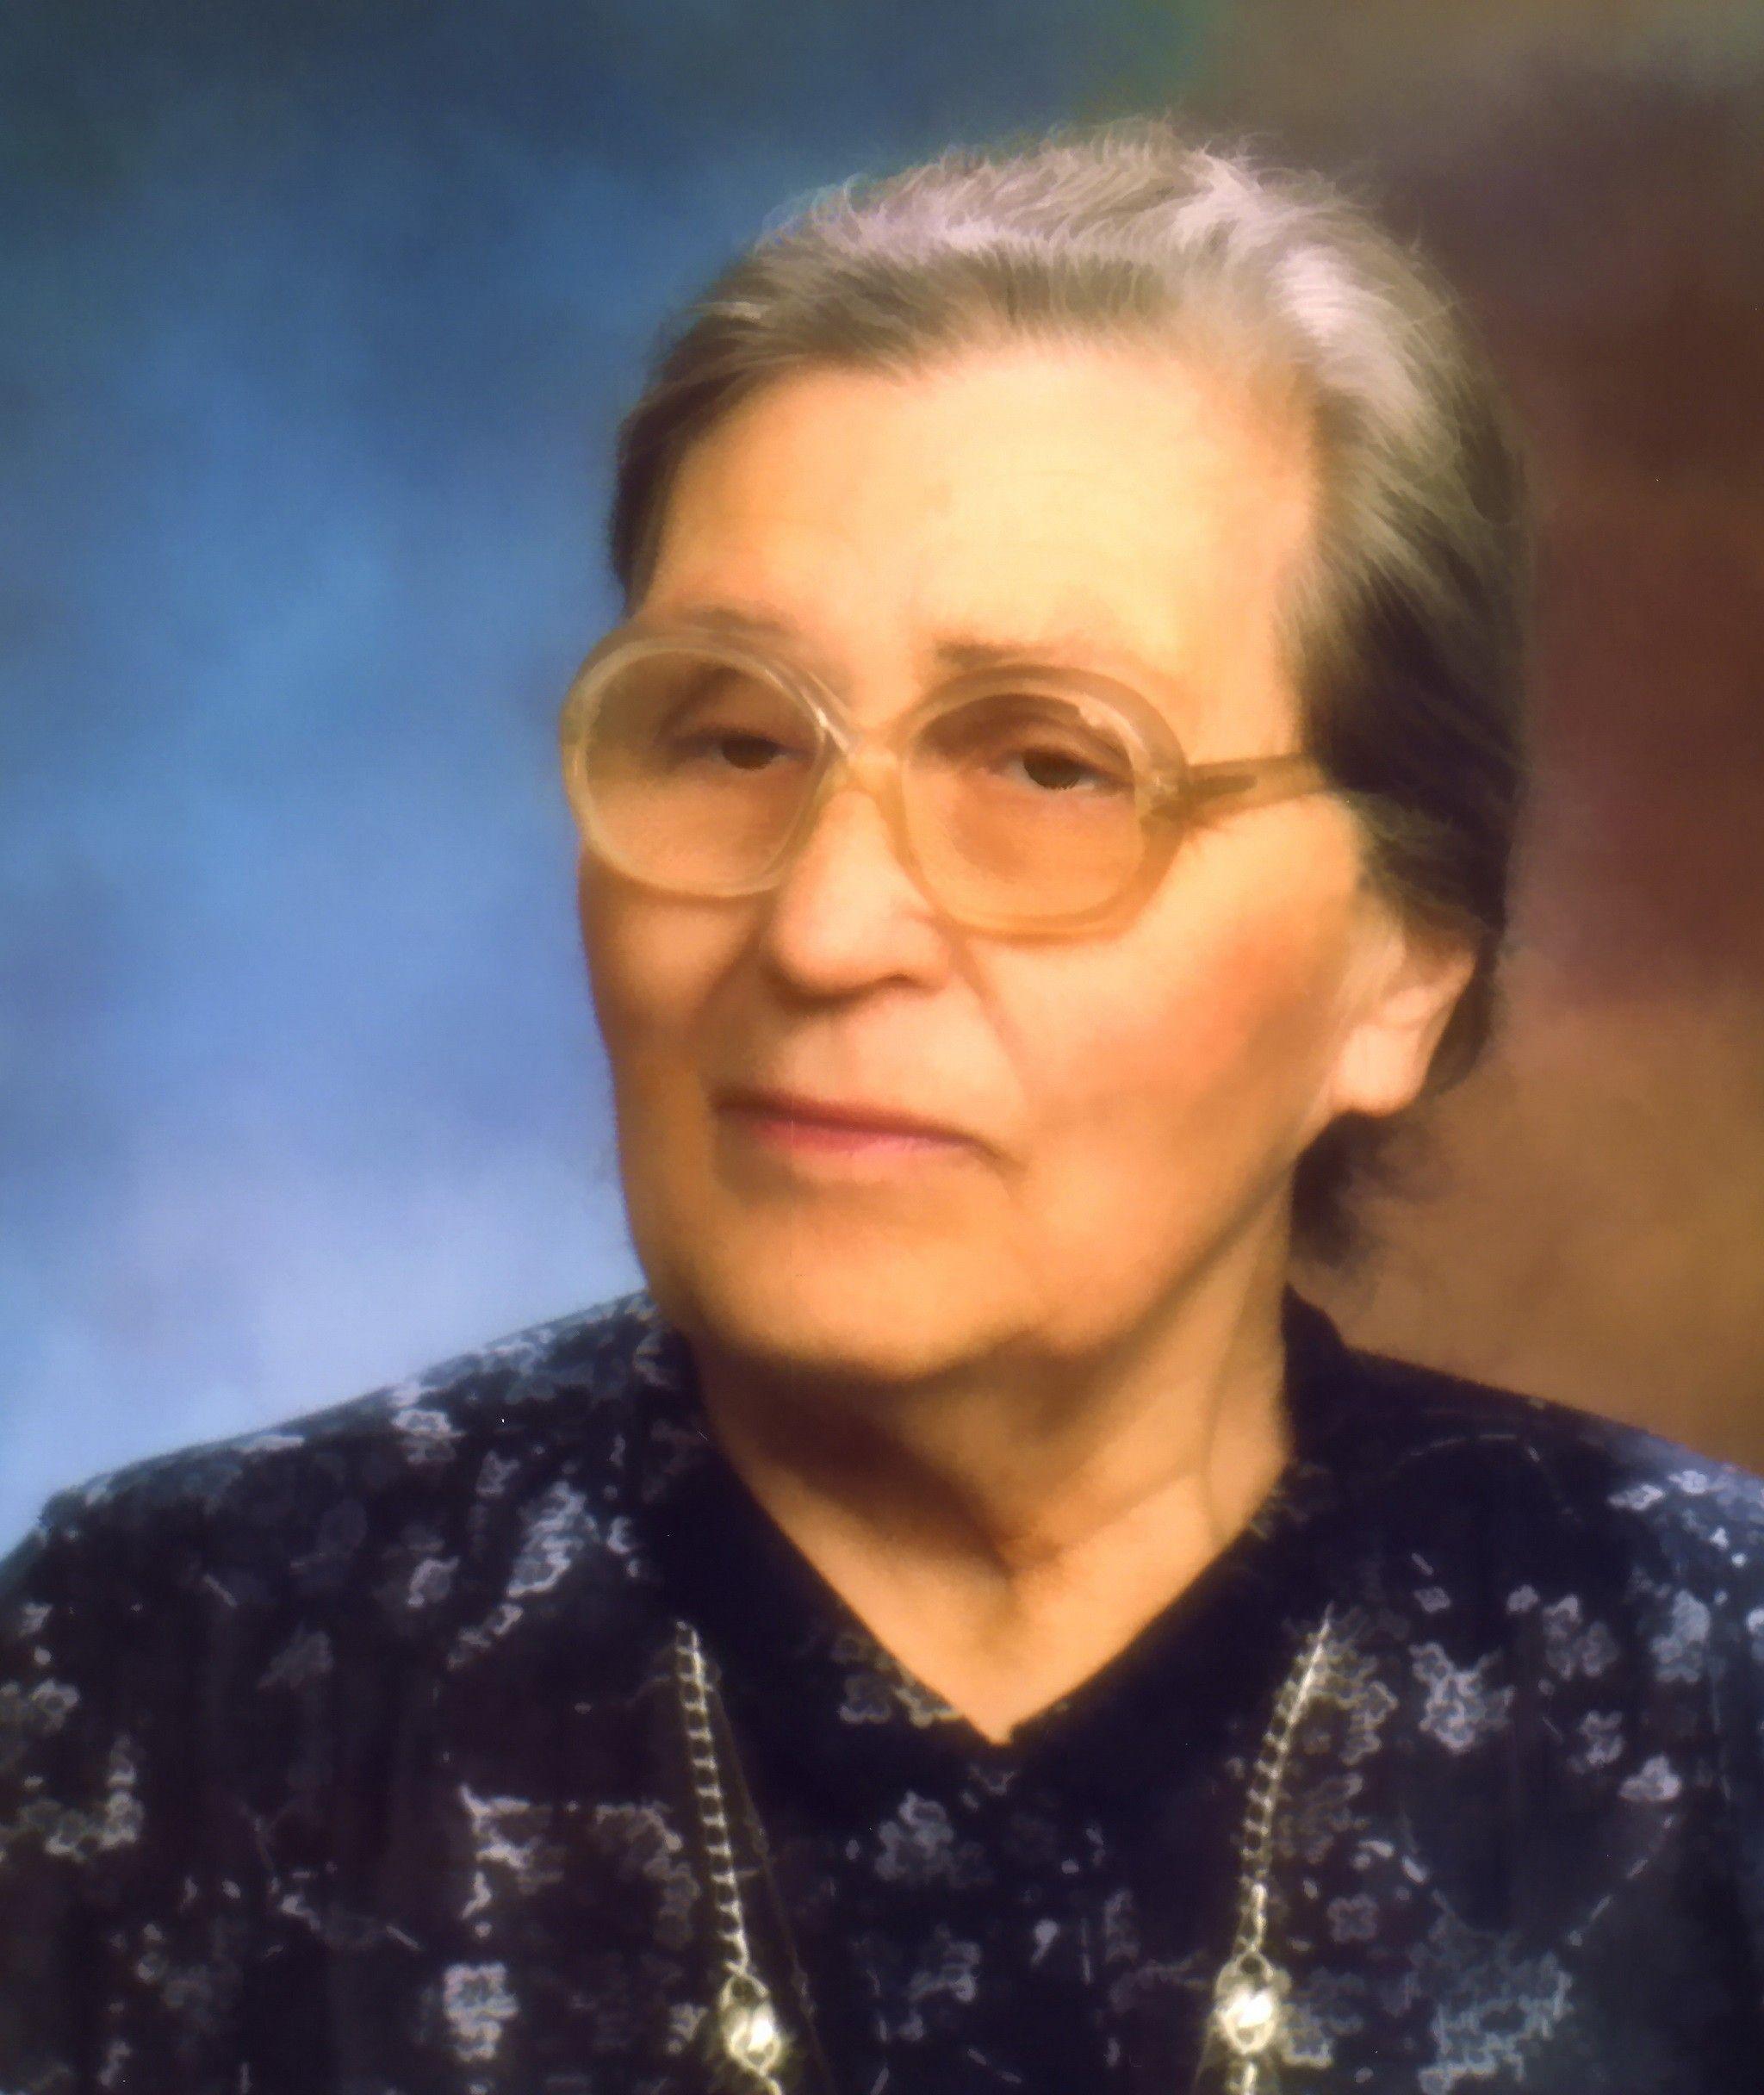 Ирма Мартенс-Герман, мать Анны Герман.